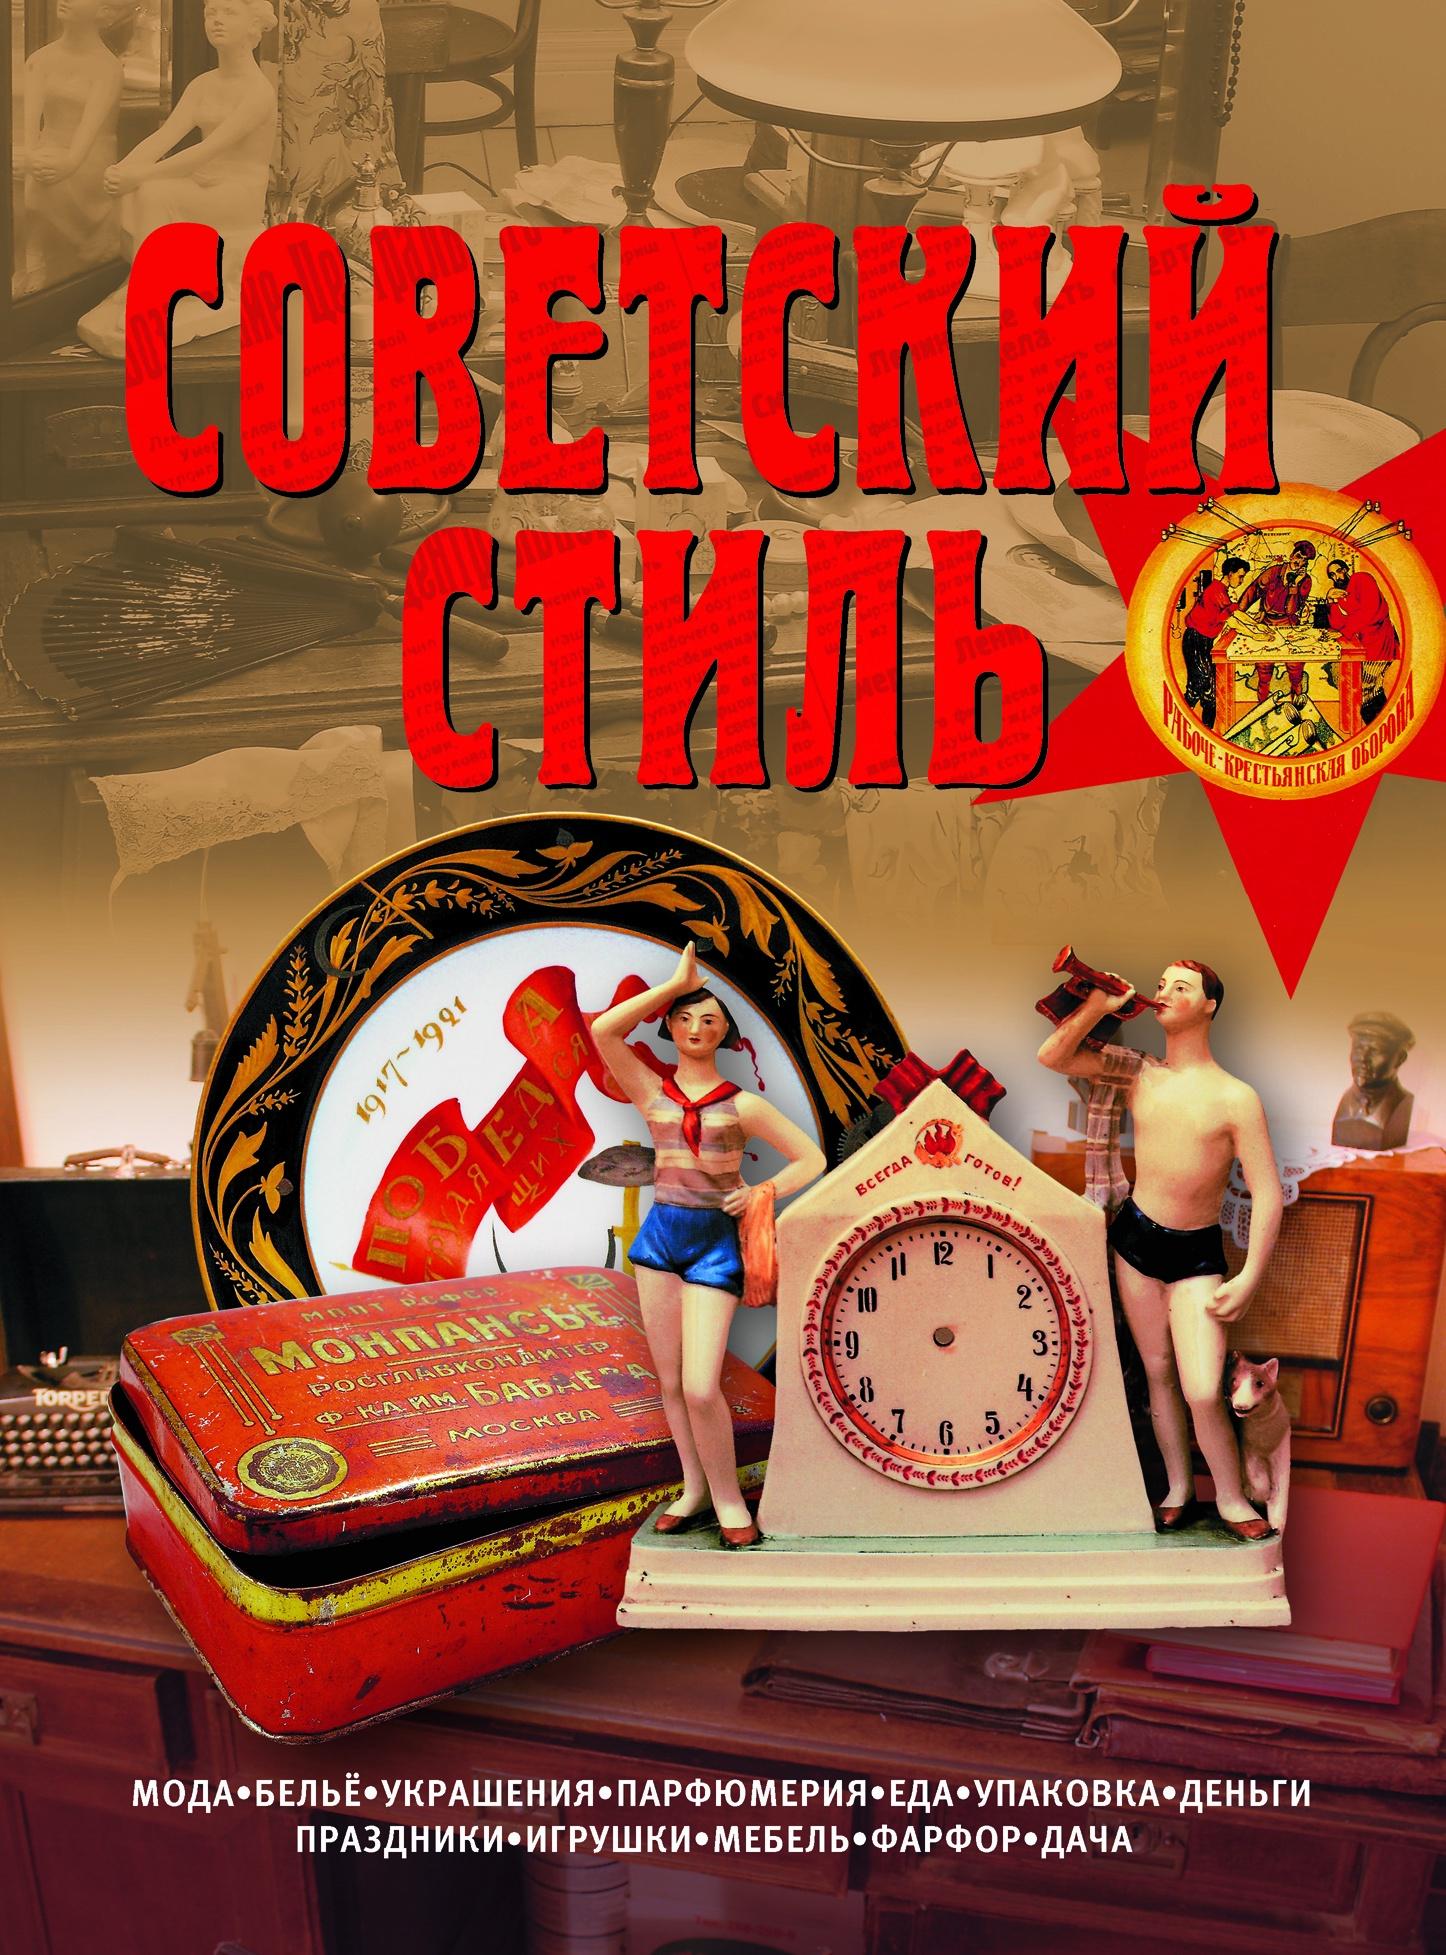 Зусева В. Советский стиль. Время и вещи зусева в отв ред советский стиль